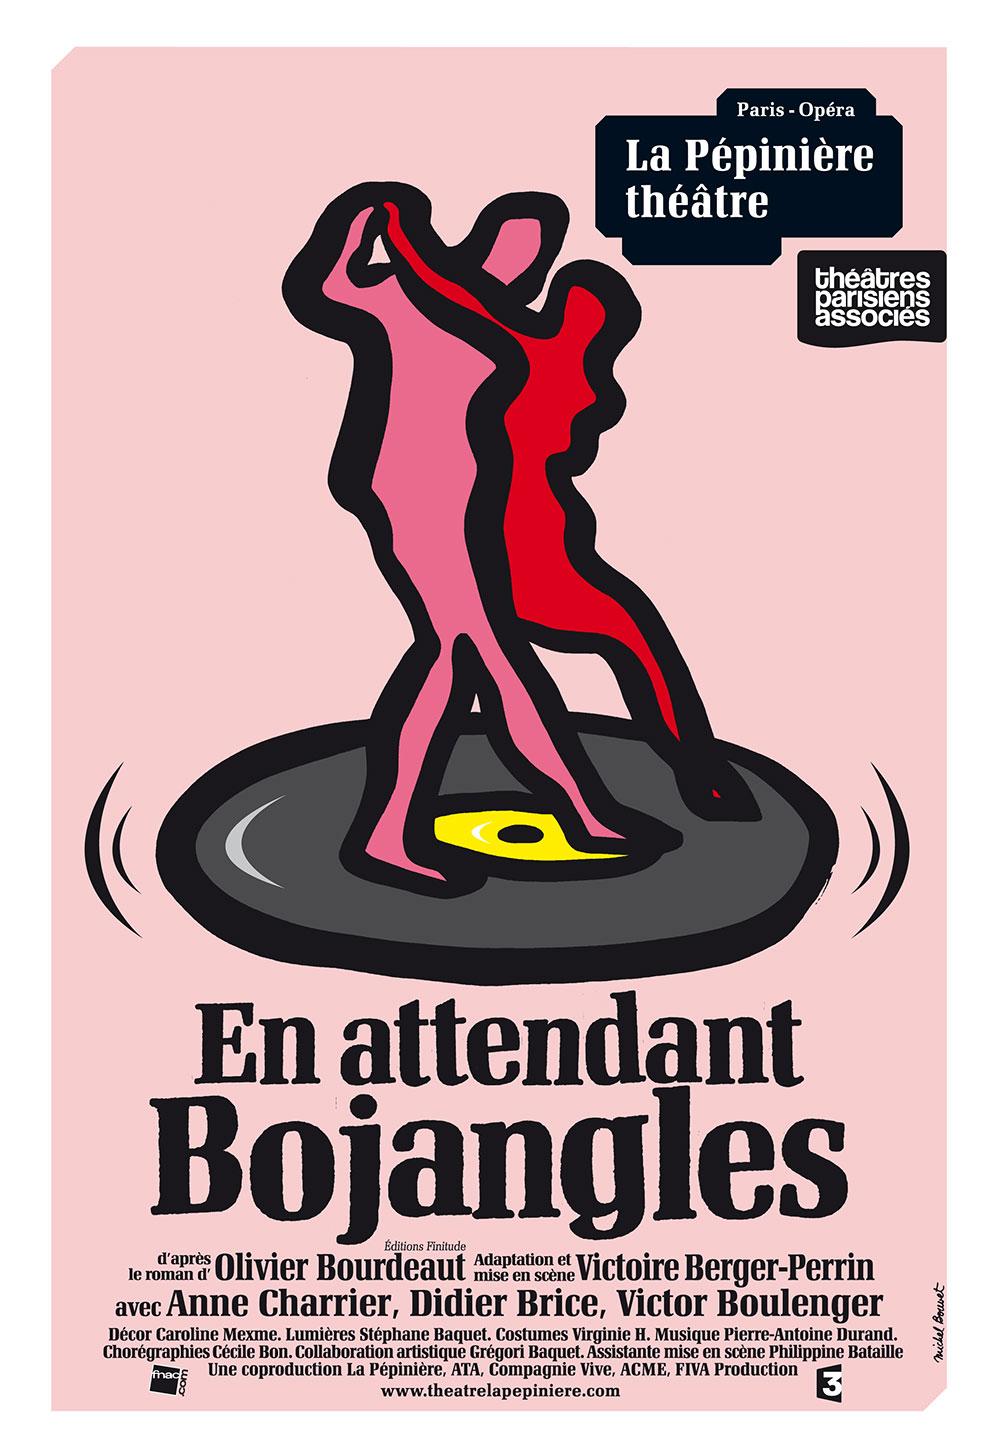 """Résultat de recherche d'images pour """"en attendant bojangles theatre"""""""